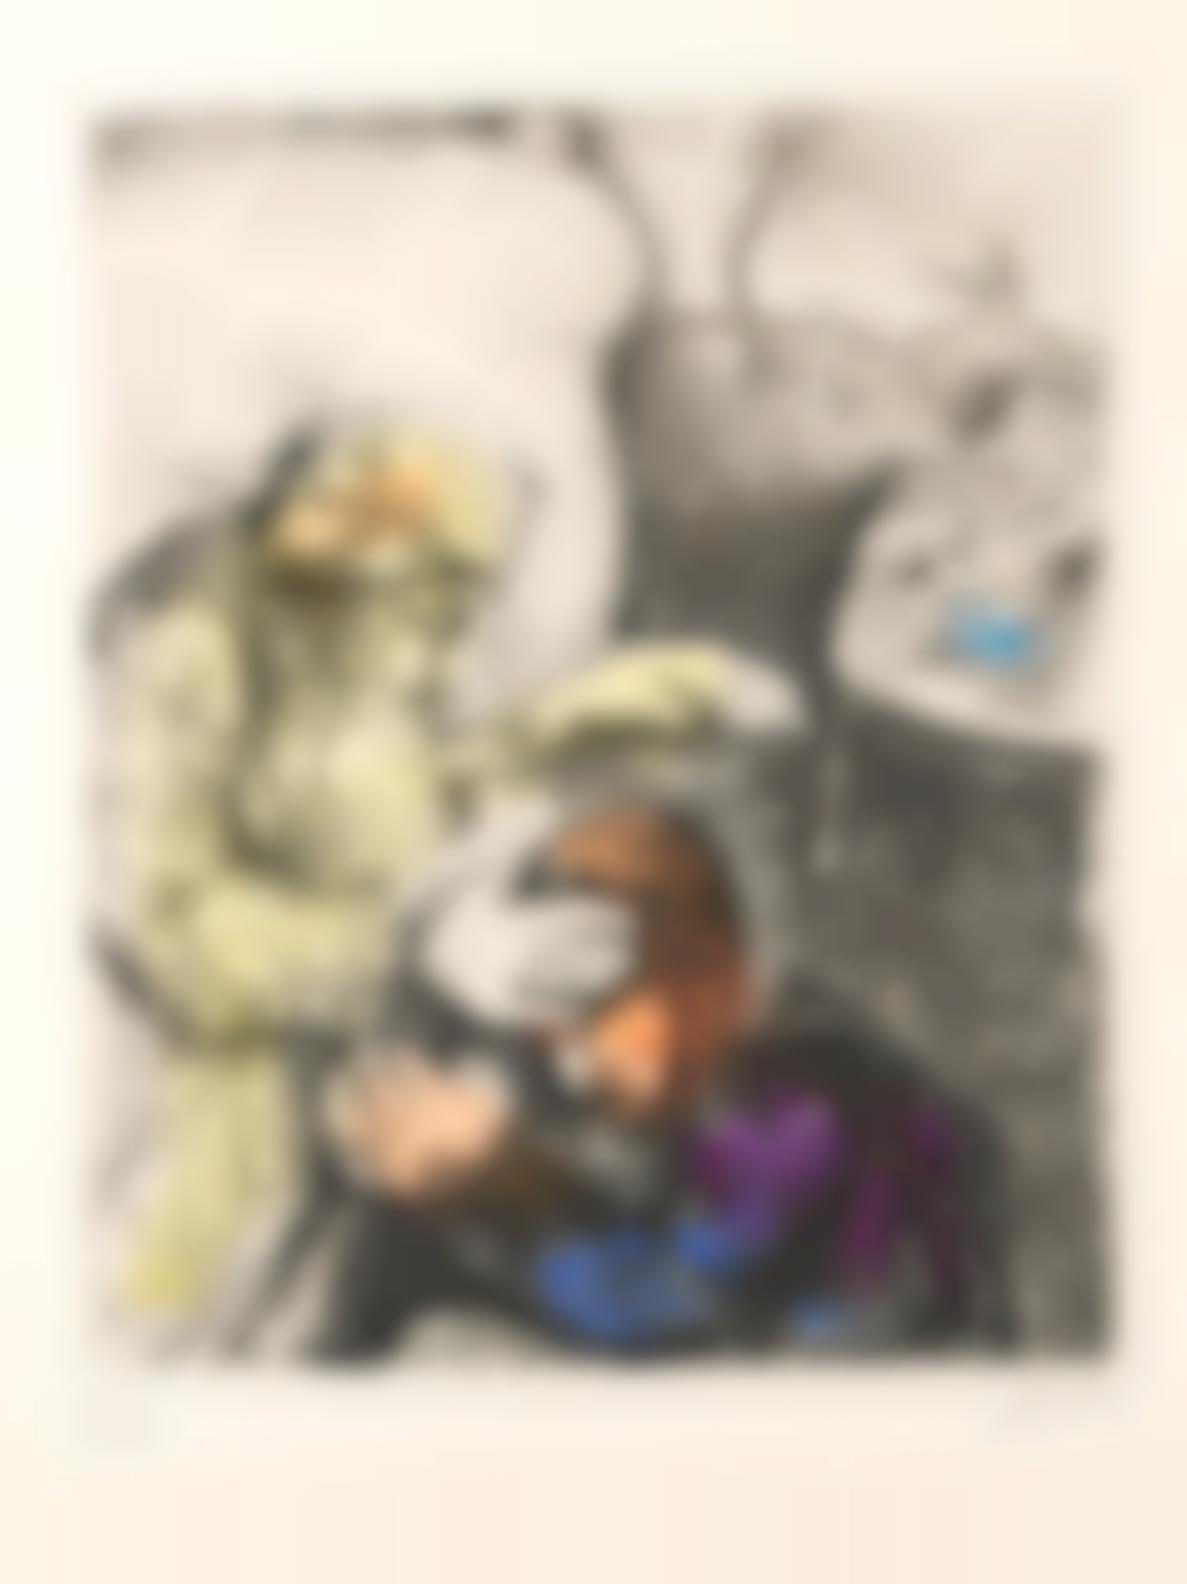 Marc Chagall-La Bible: Five Plates (V.211, 238, 283, 296, 301; C. Bk. 30), 1931-39-1939